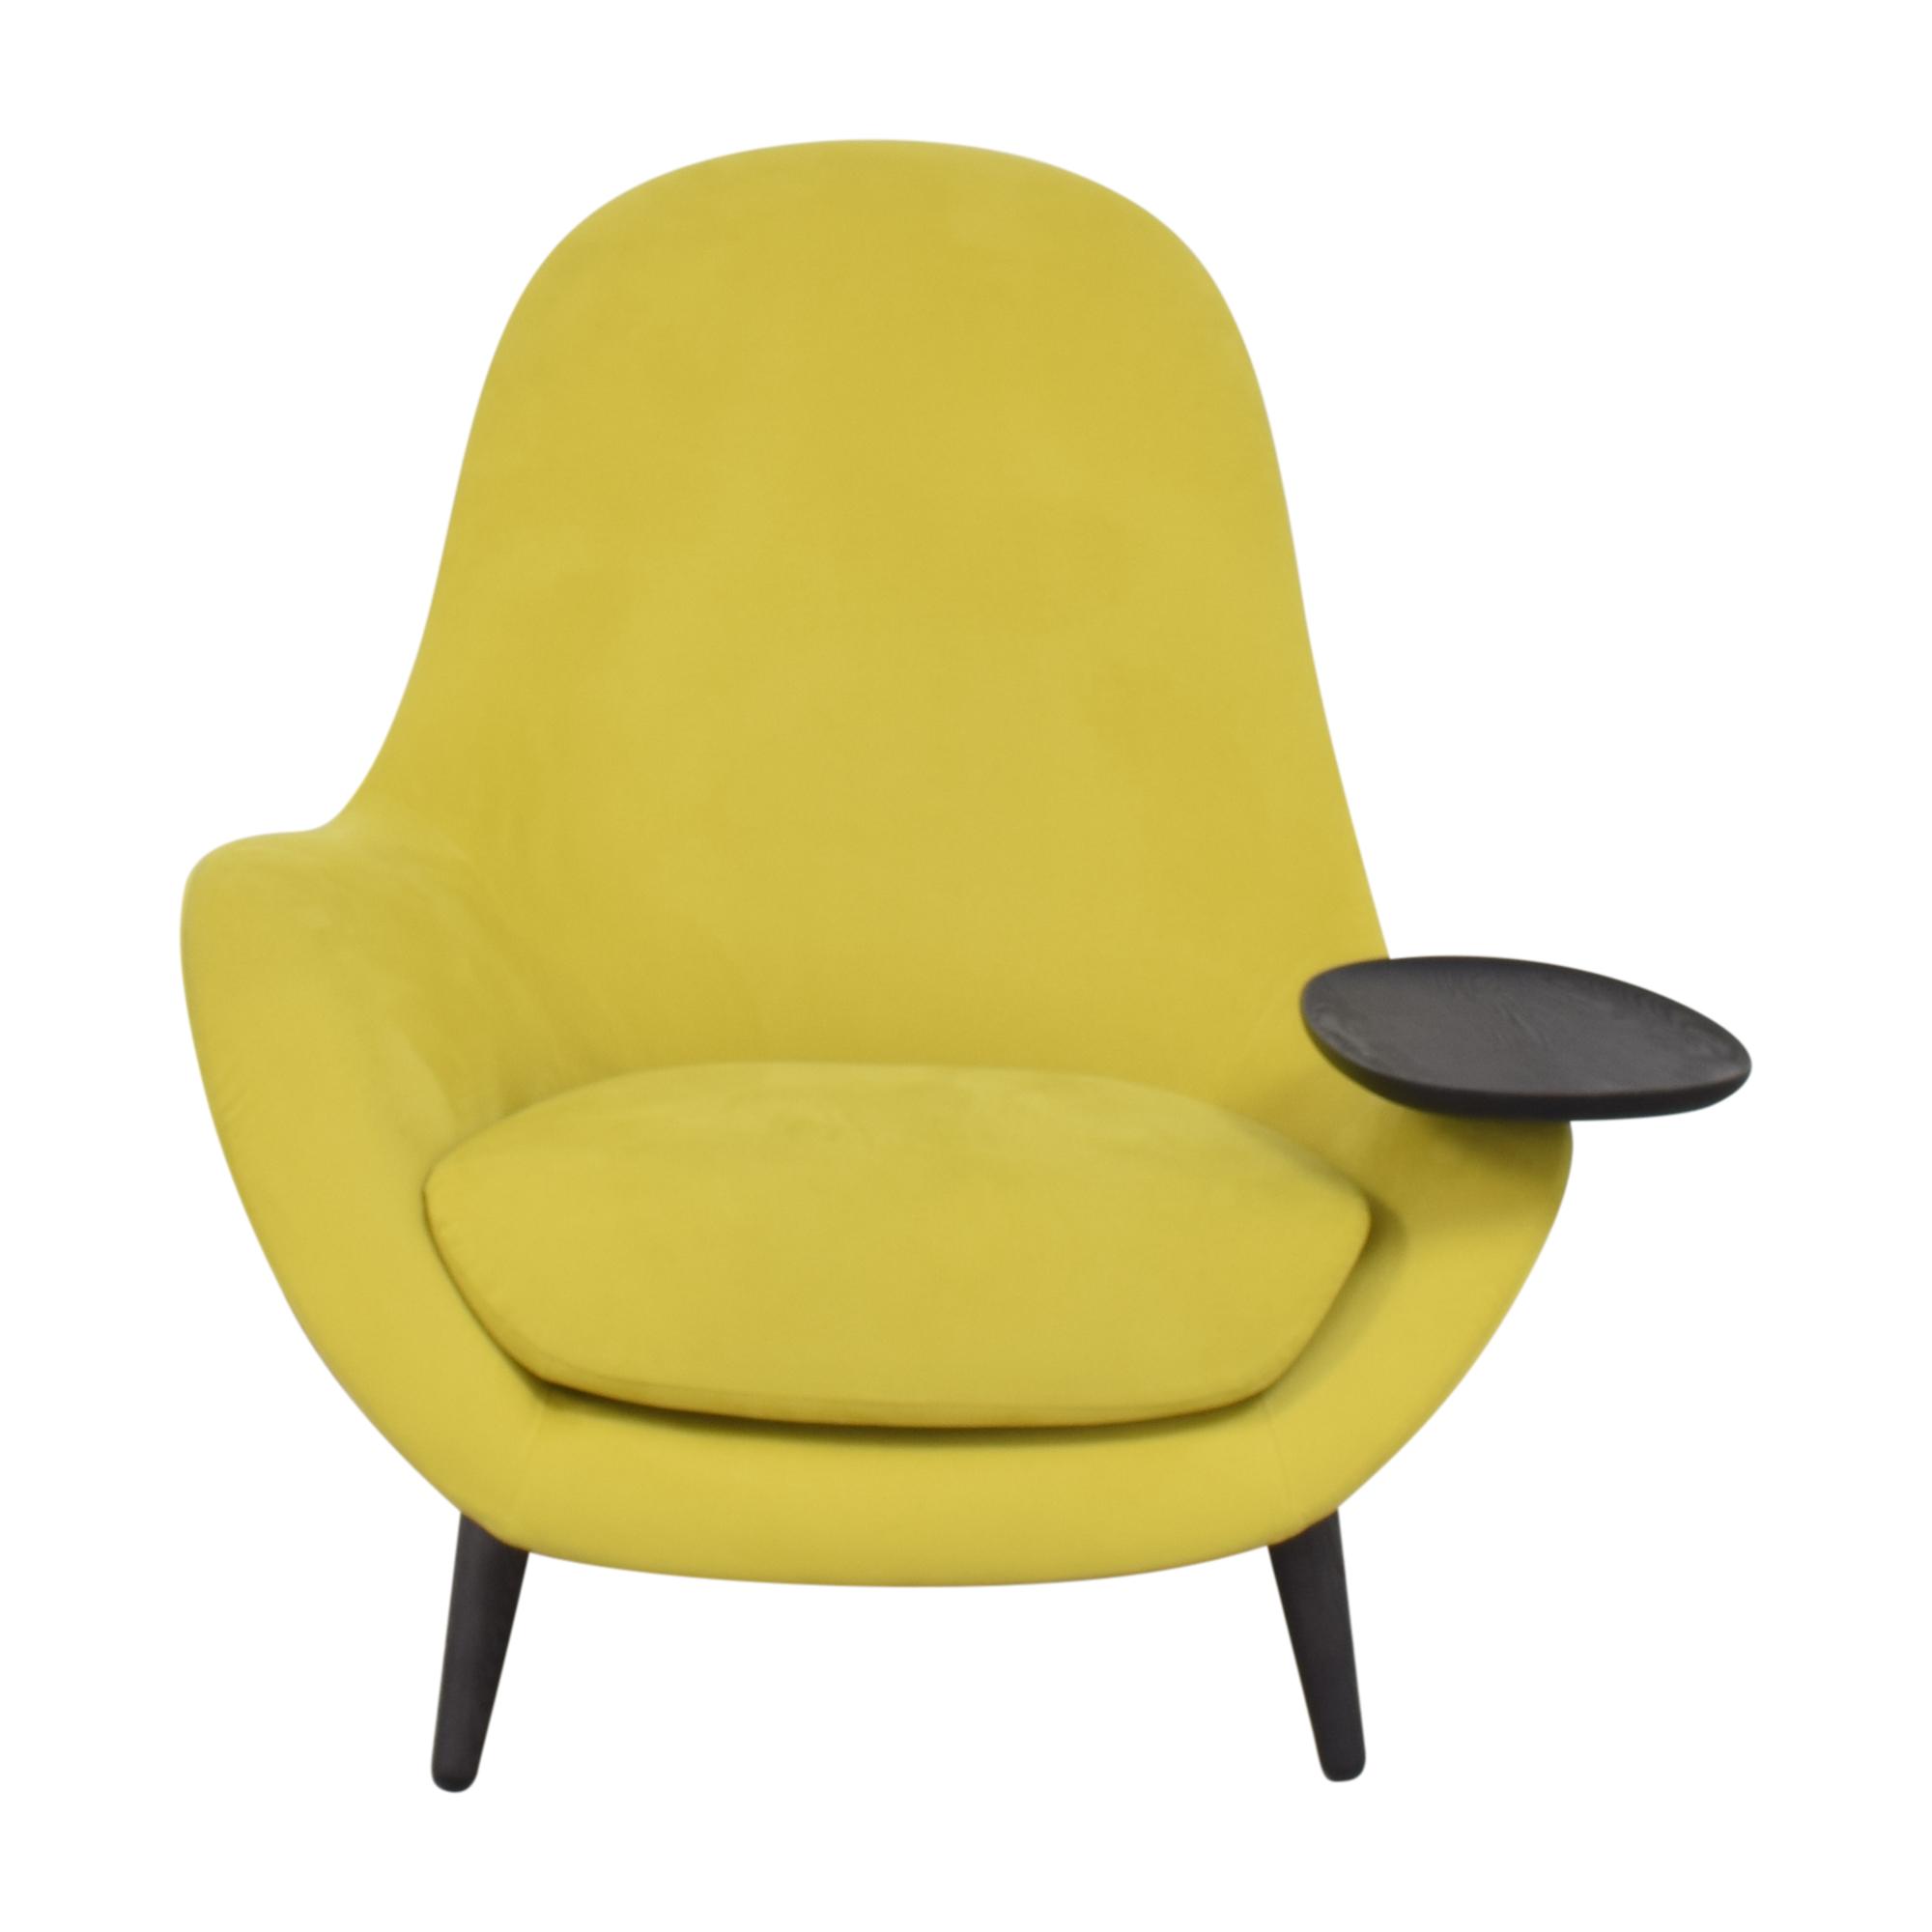 Poliform Poliform Mad King Chair nj